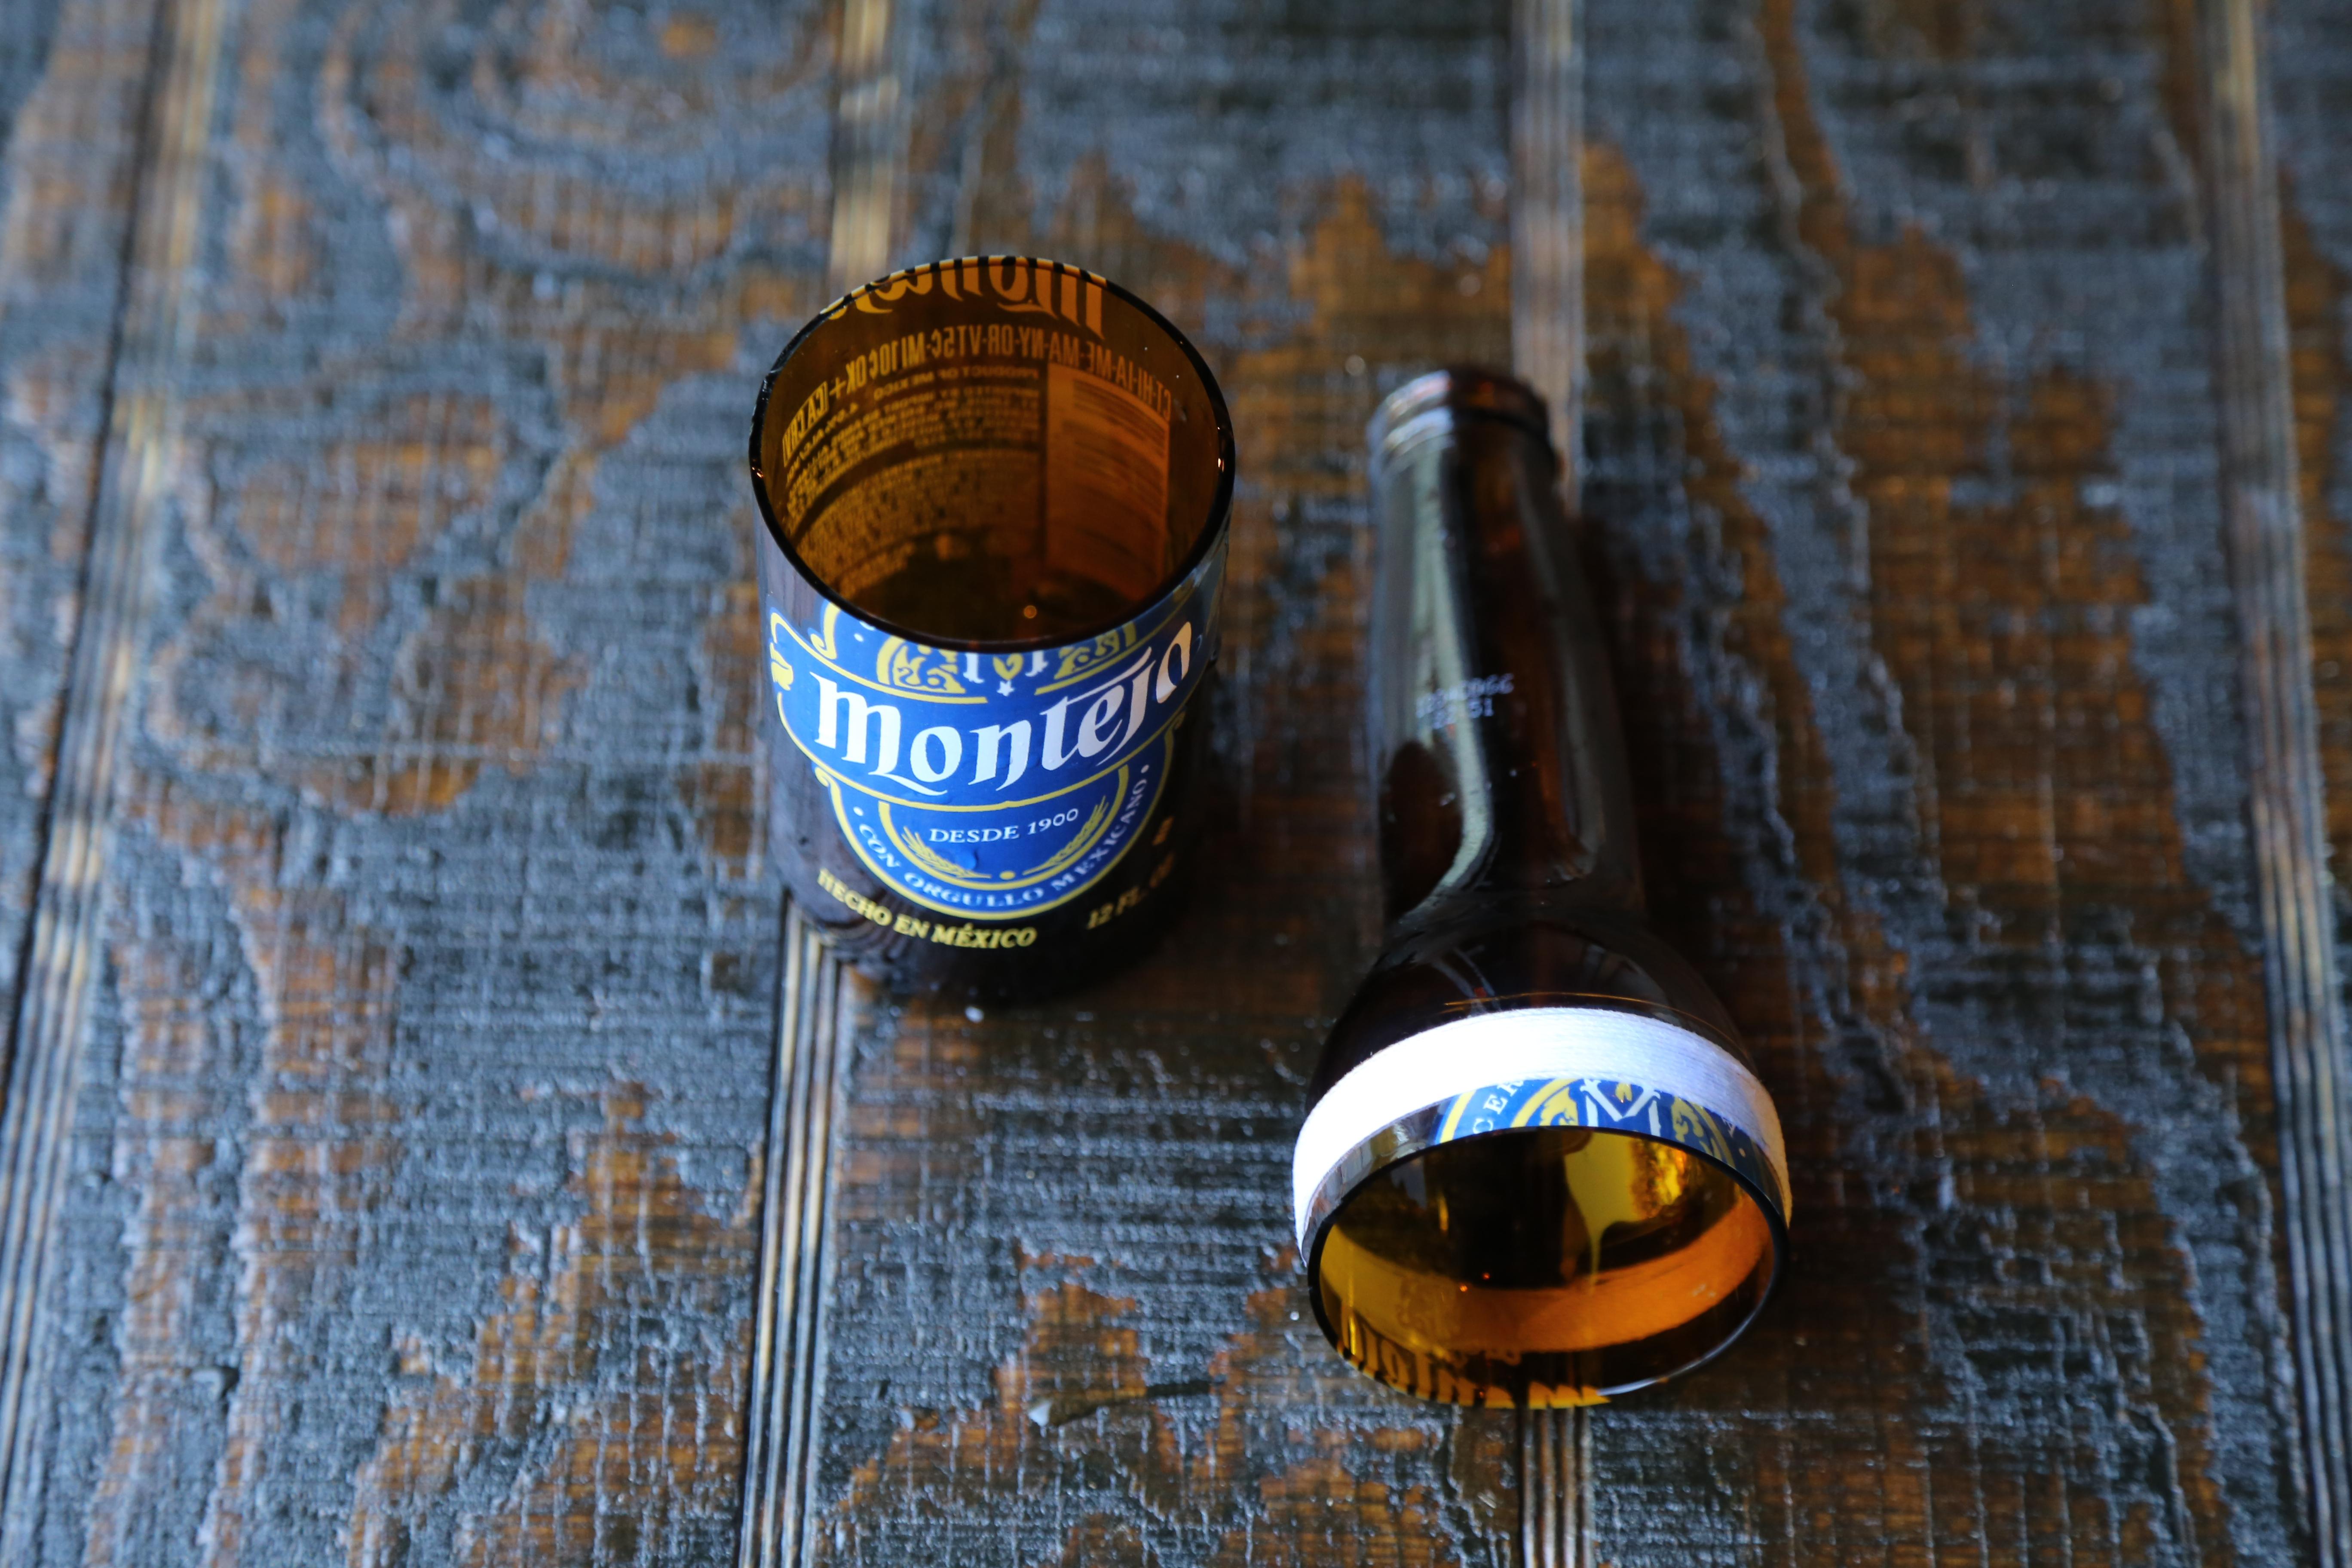 diy-beer-glasses-sweetlifebake-montejo-5